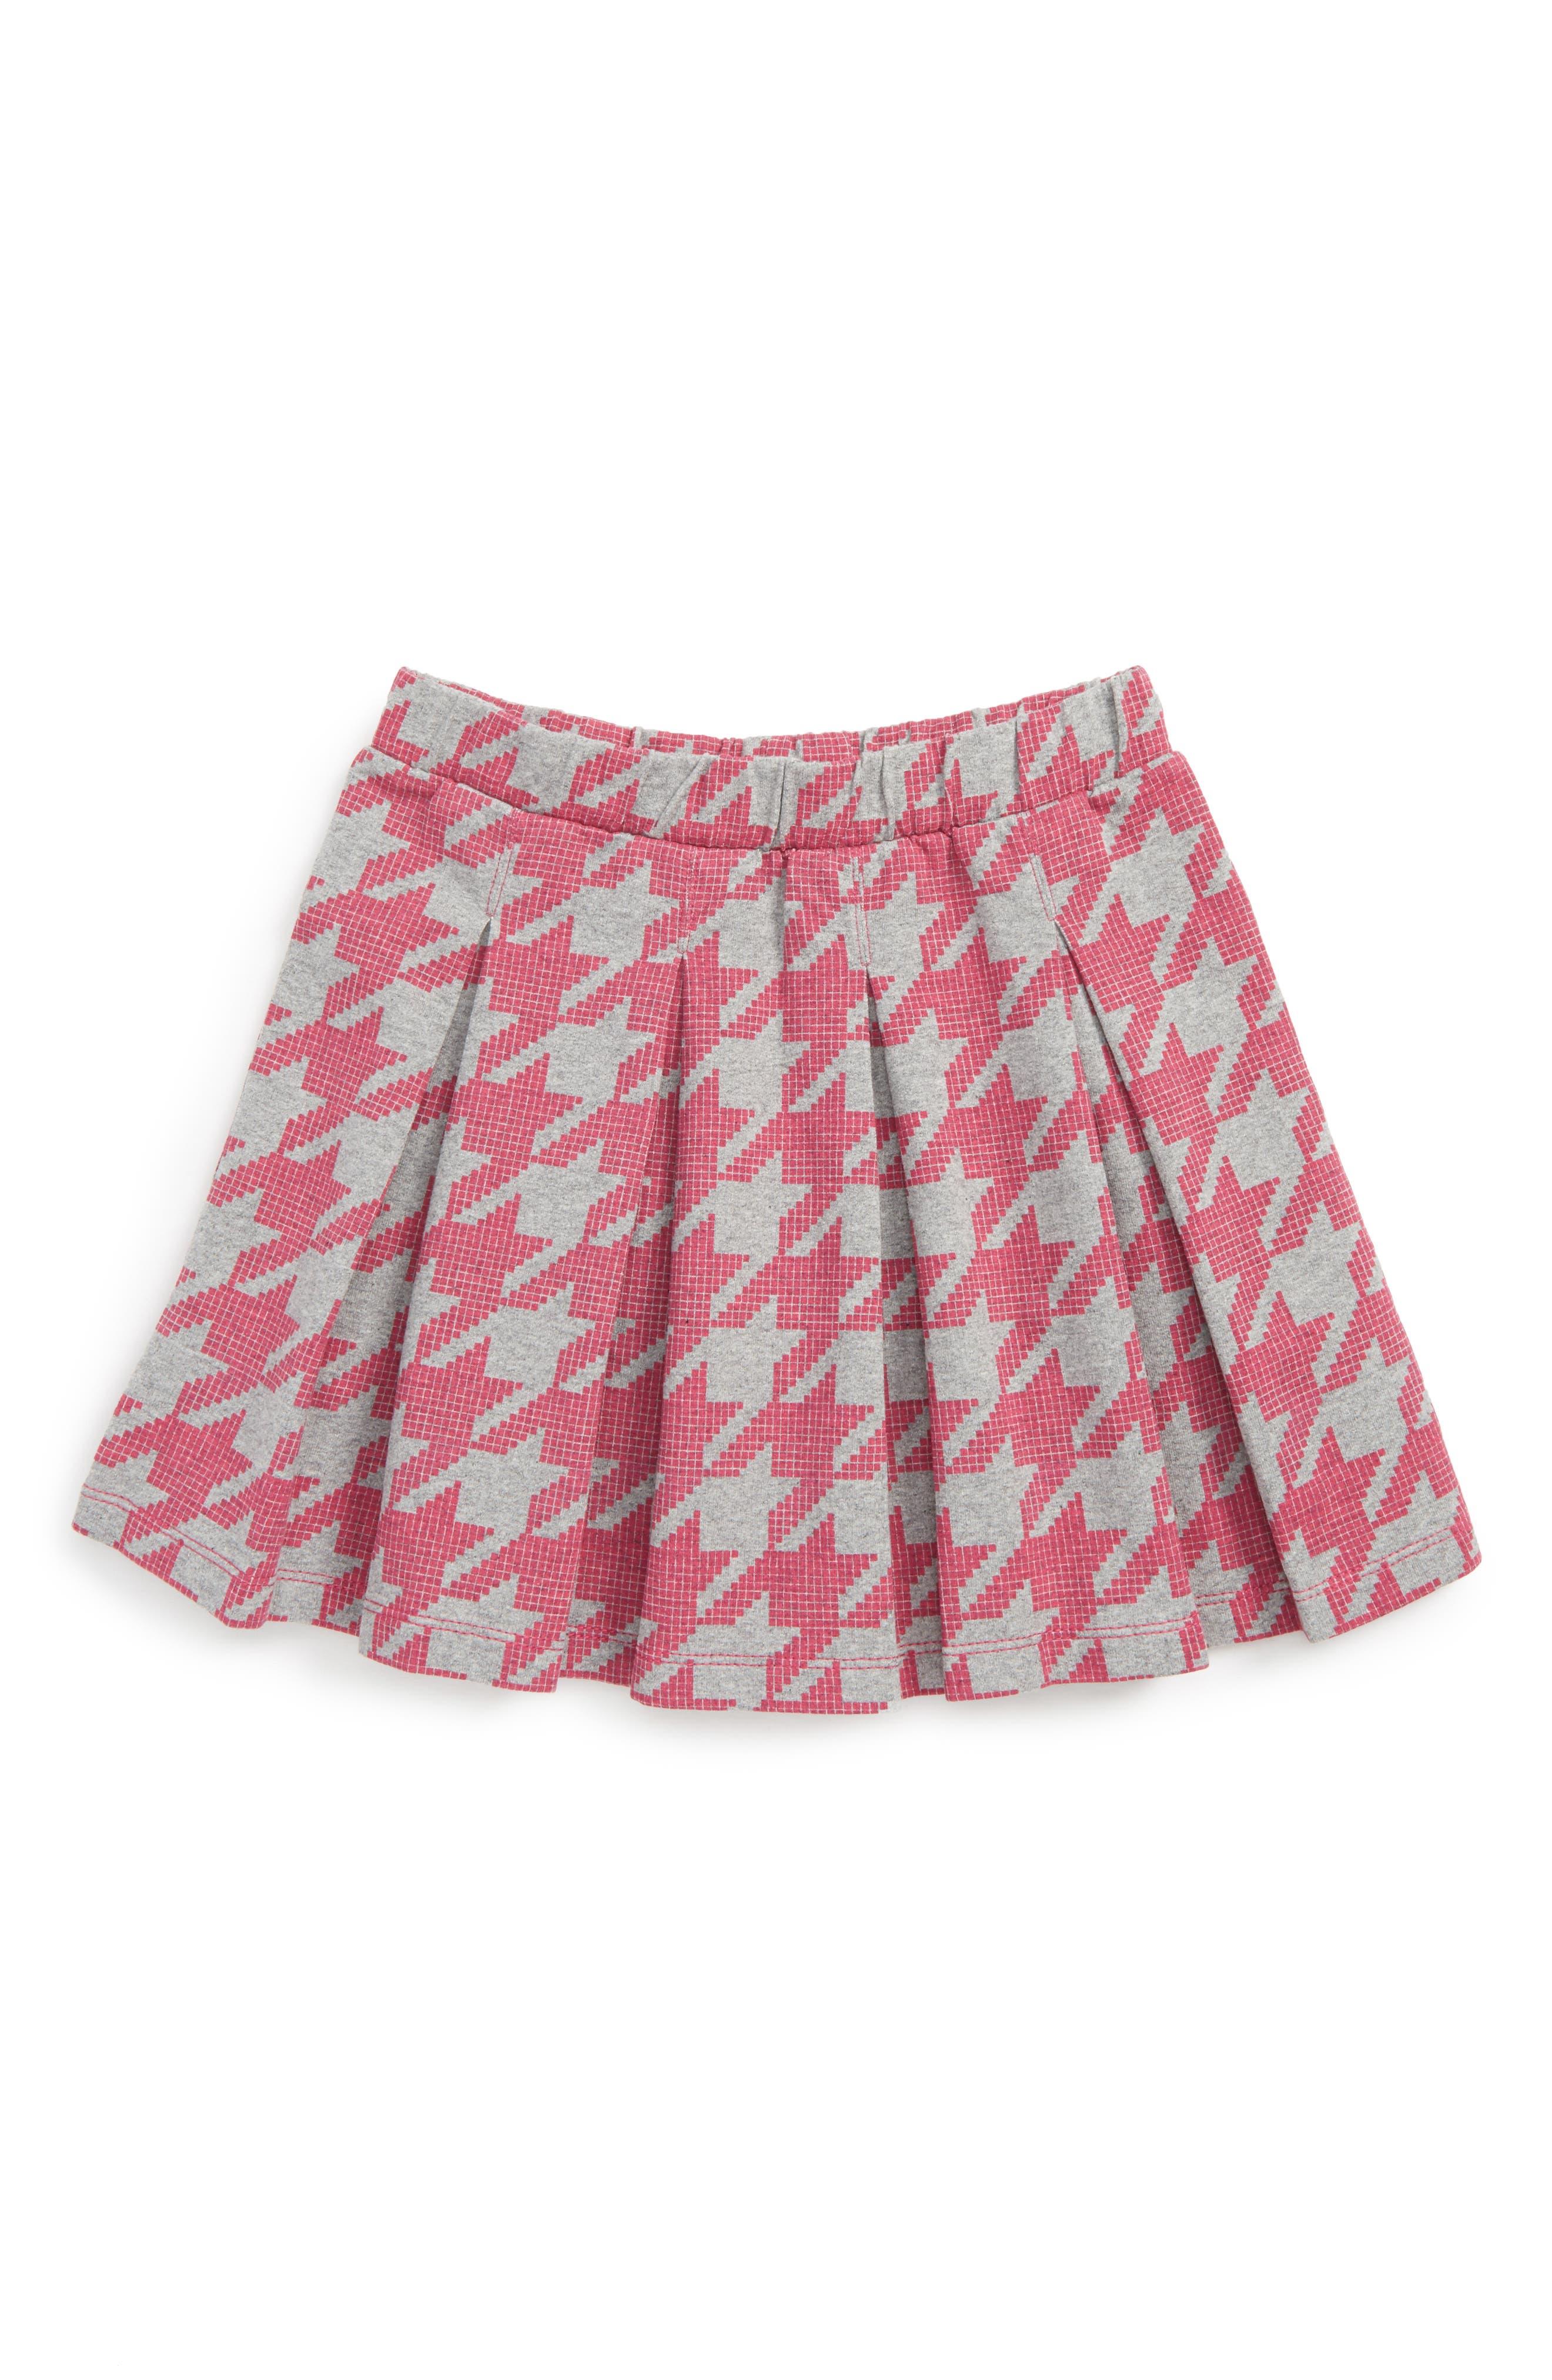 Tea Collection Houndstooth Skirt (Toddler Girls, Little Girls & Big Girls)